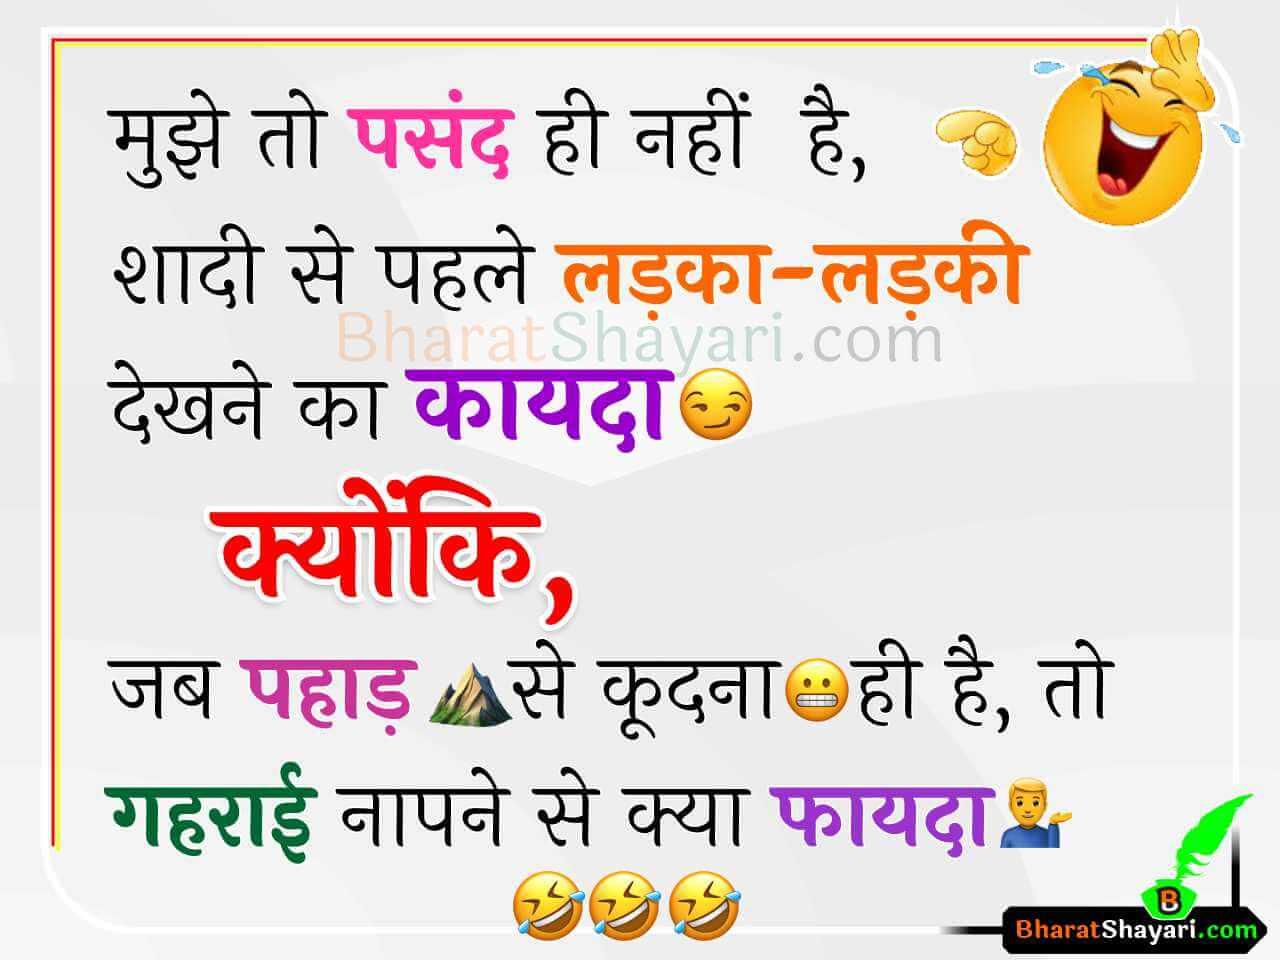 Ladka Ladki Dekhne Ka Kayda - Funniest Hindi Shayari